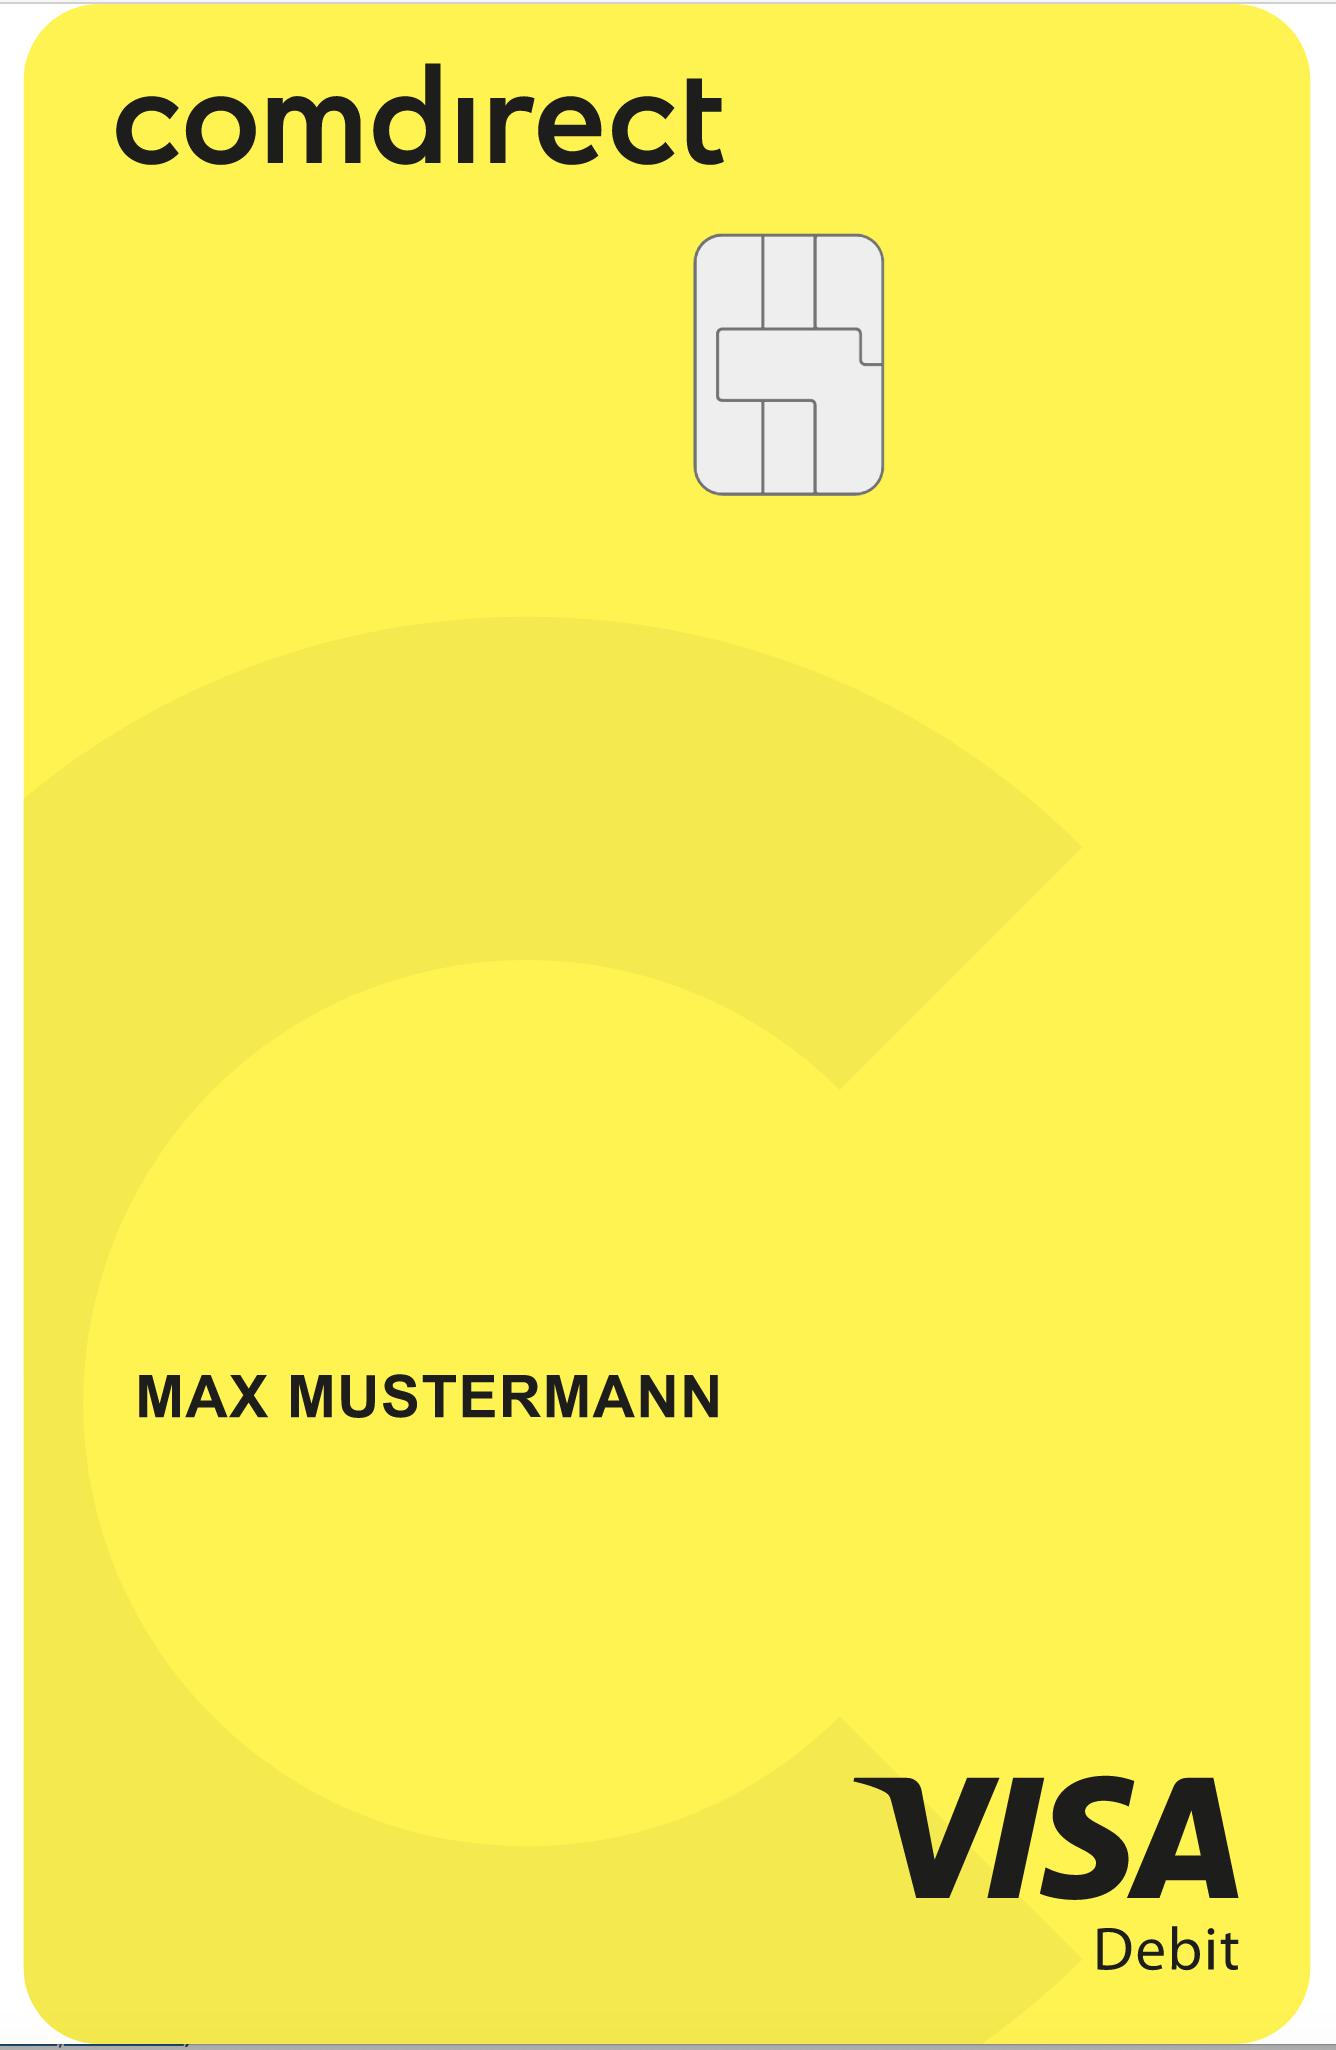 Umbau bei comdirect: VISA Debit, Kreditkarte mit Gebühr und ein